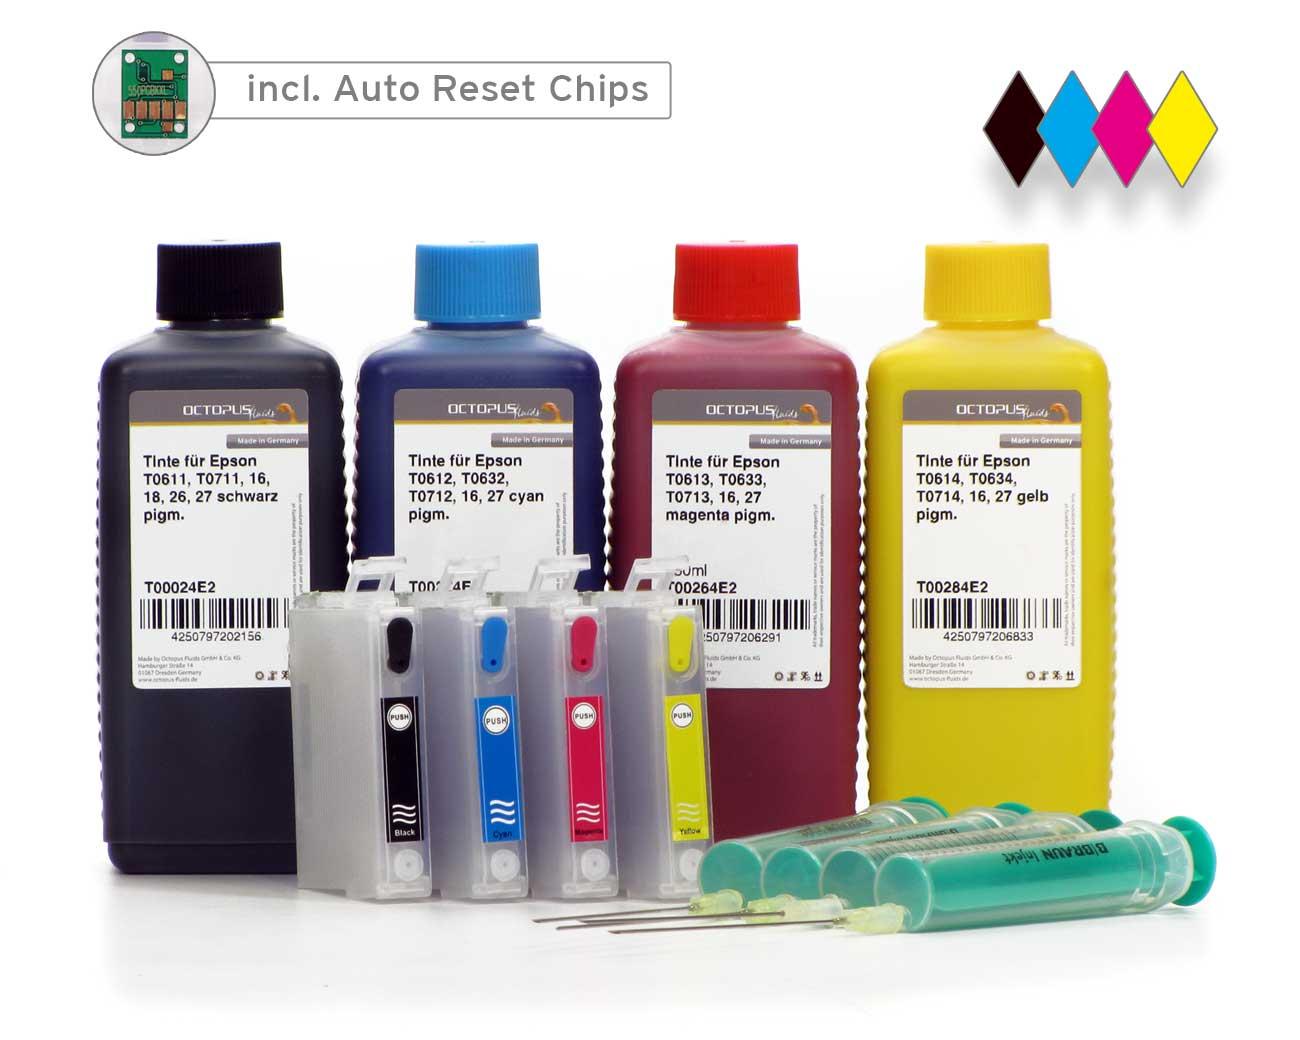 Cartucce Fill In per Epson 27 con chip Autoreset e 4x di inchiostro (no OEM)